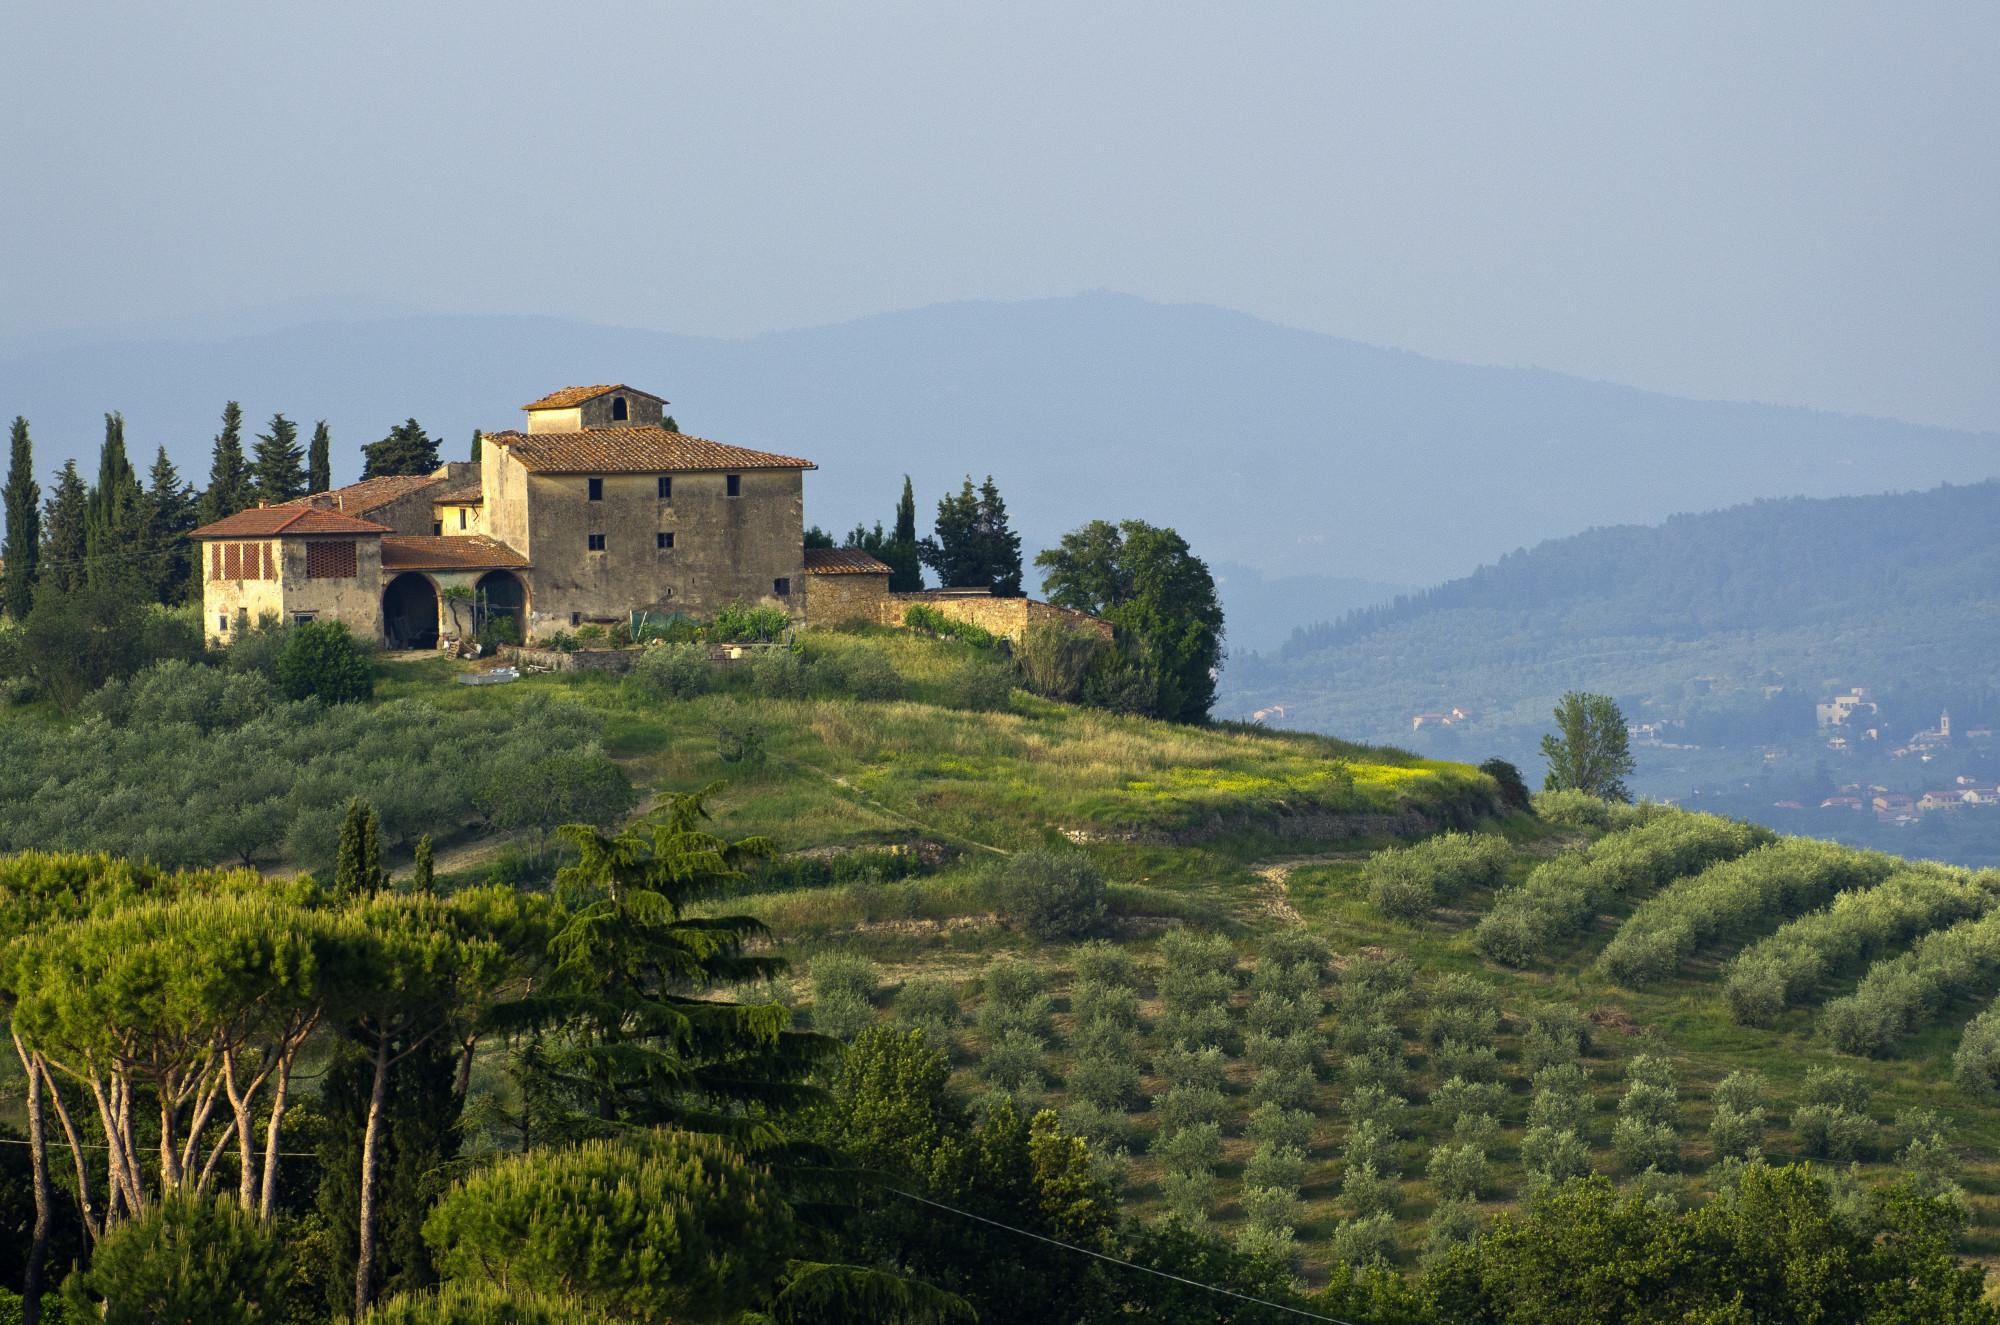 Acheter Une Maison En Italie Abruzzes la toscane est la région préférée des étrangers pour acheter